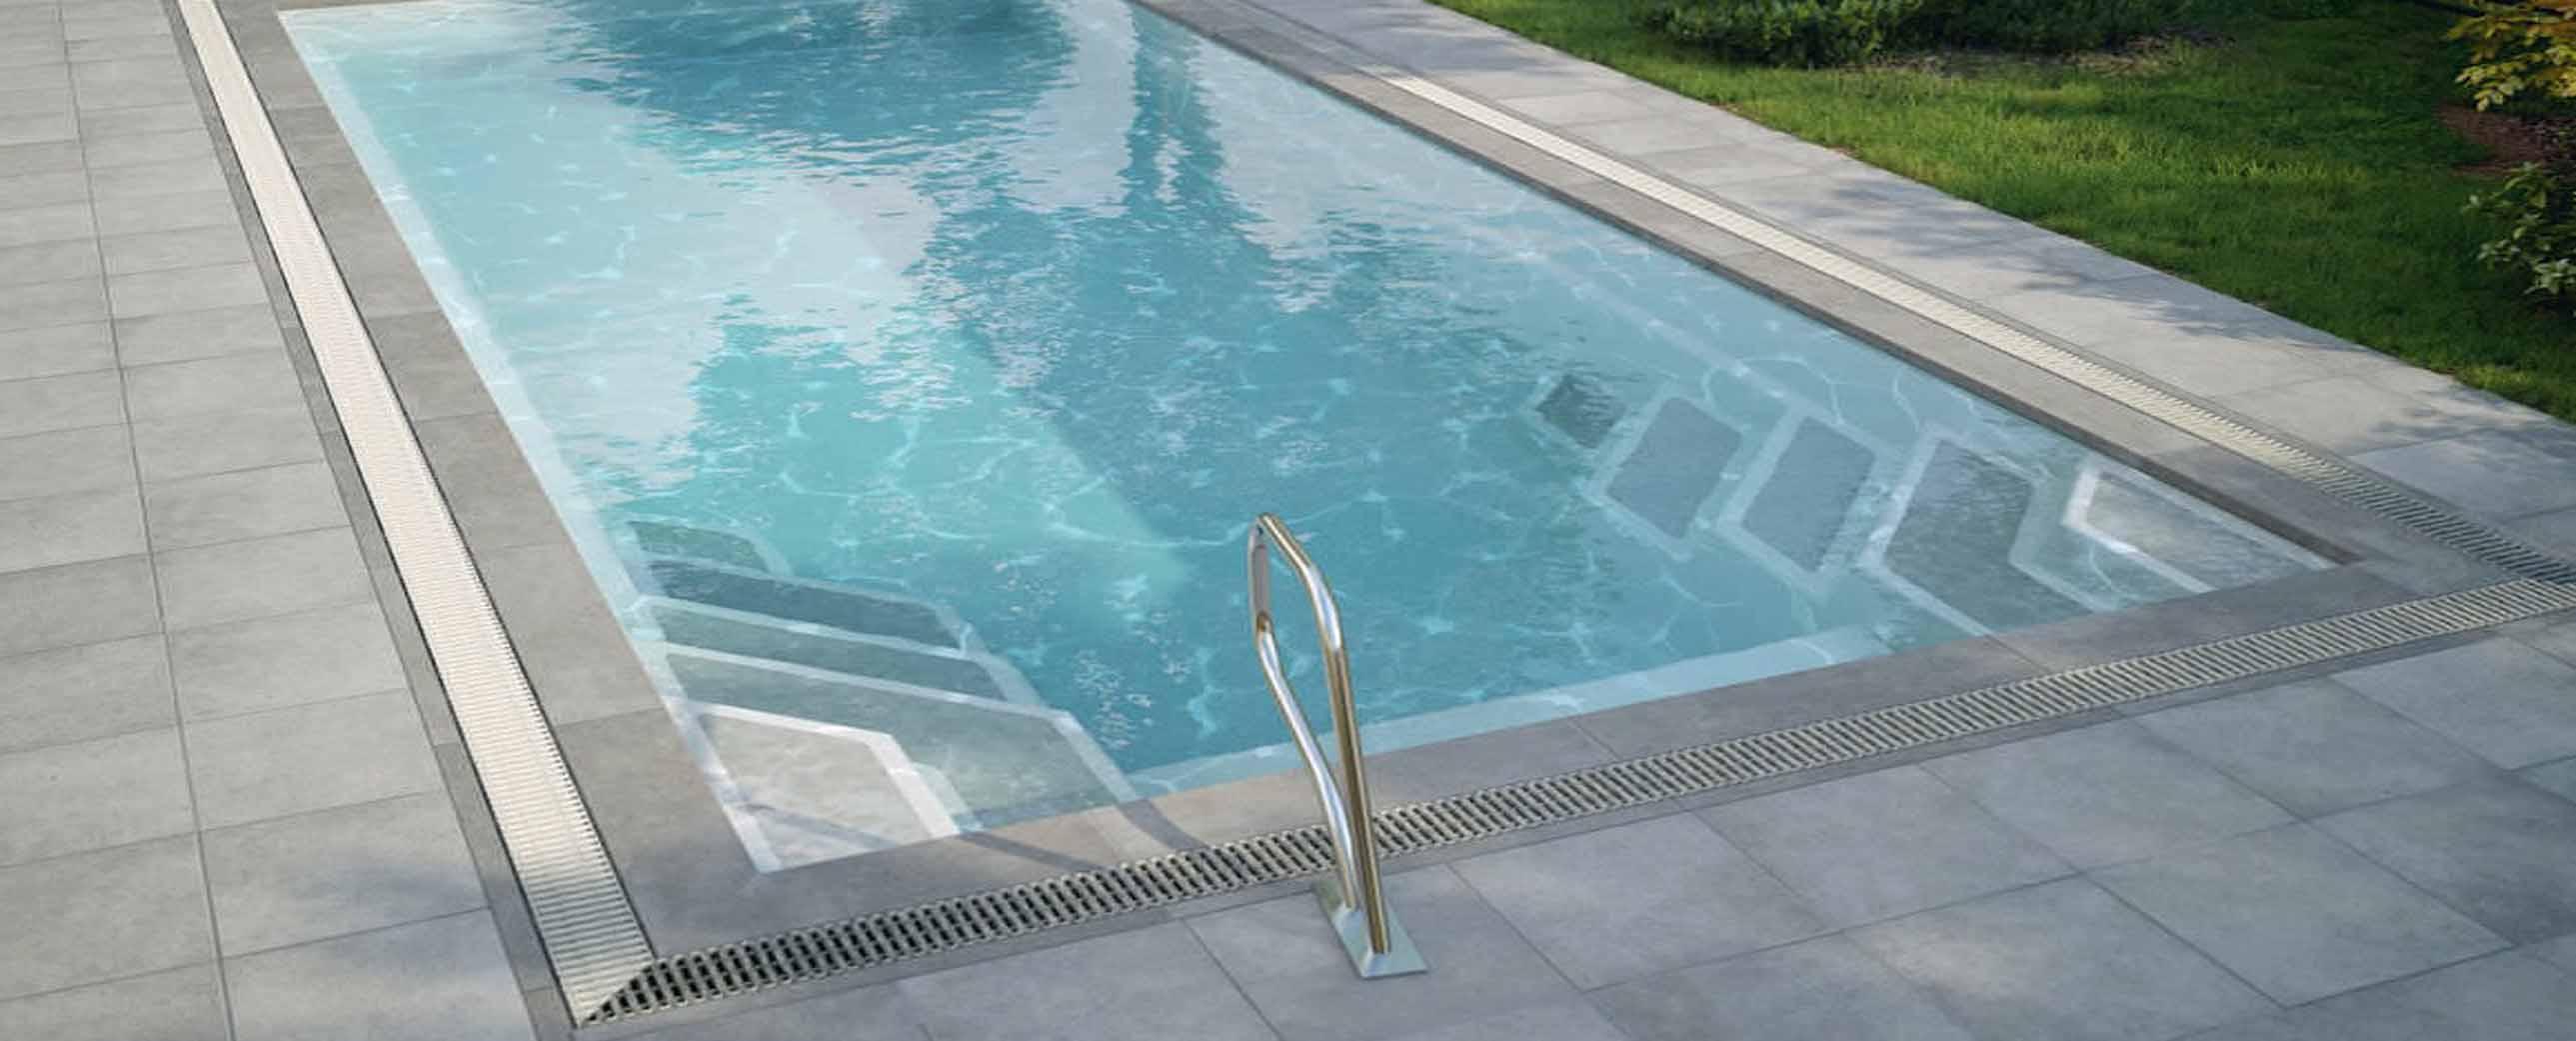 Instalaci n de piscinas de poli ster cubriland - Precio piscina poliester ...